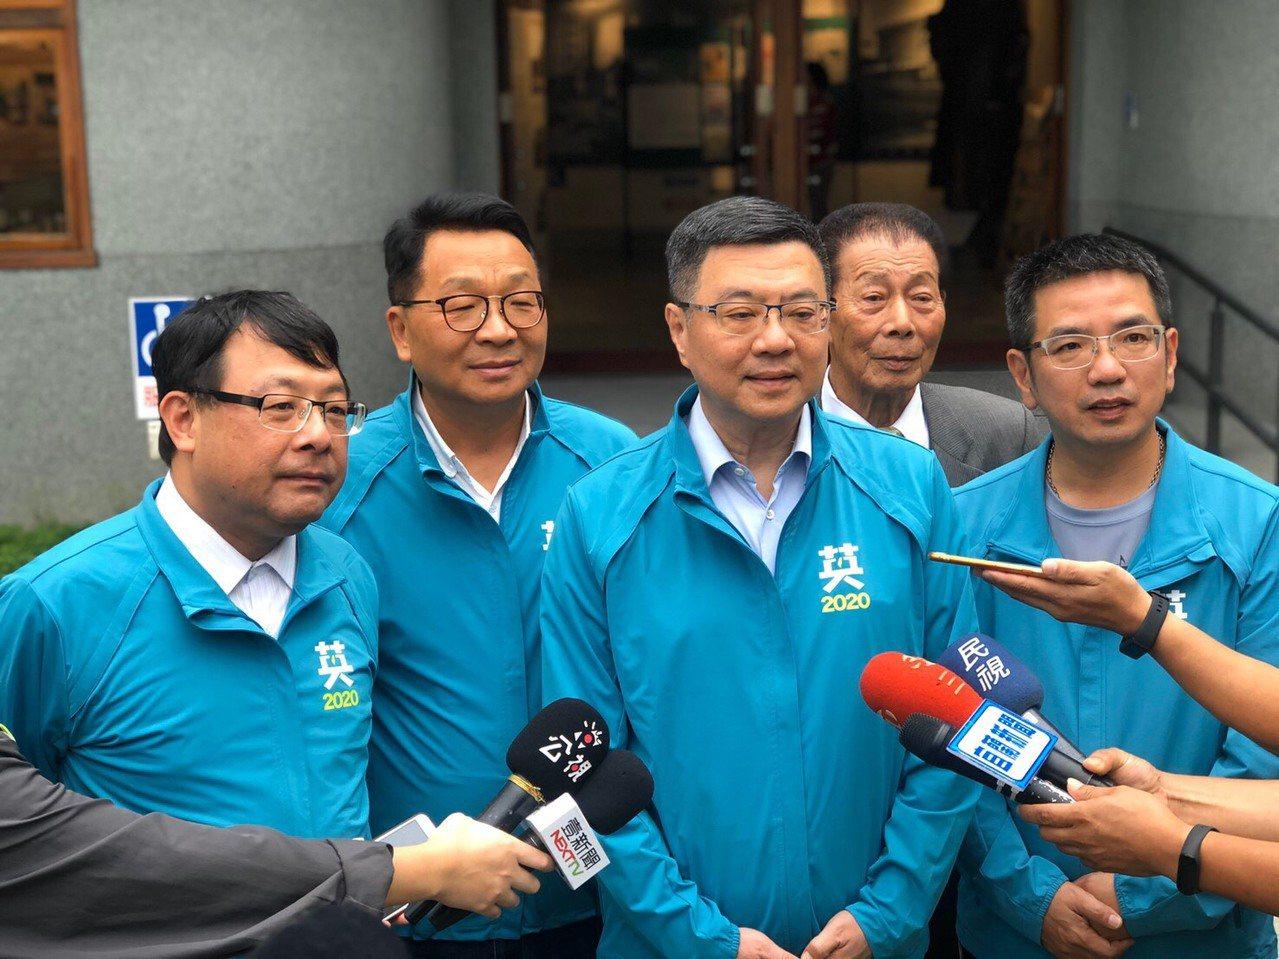 前總統馬英九談陳同佳案時哽咽,對此民進黨主席卓榮泰諷刺,馬英九眼淚流的不是時候。...